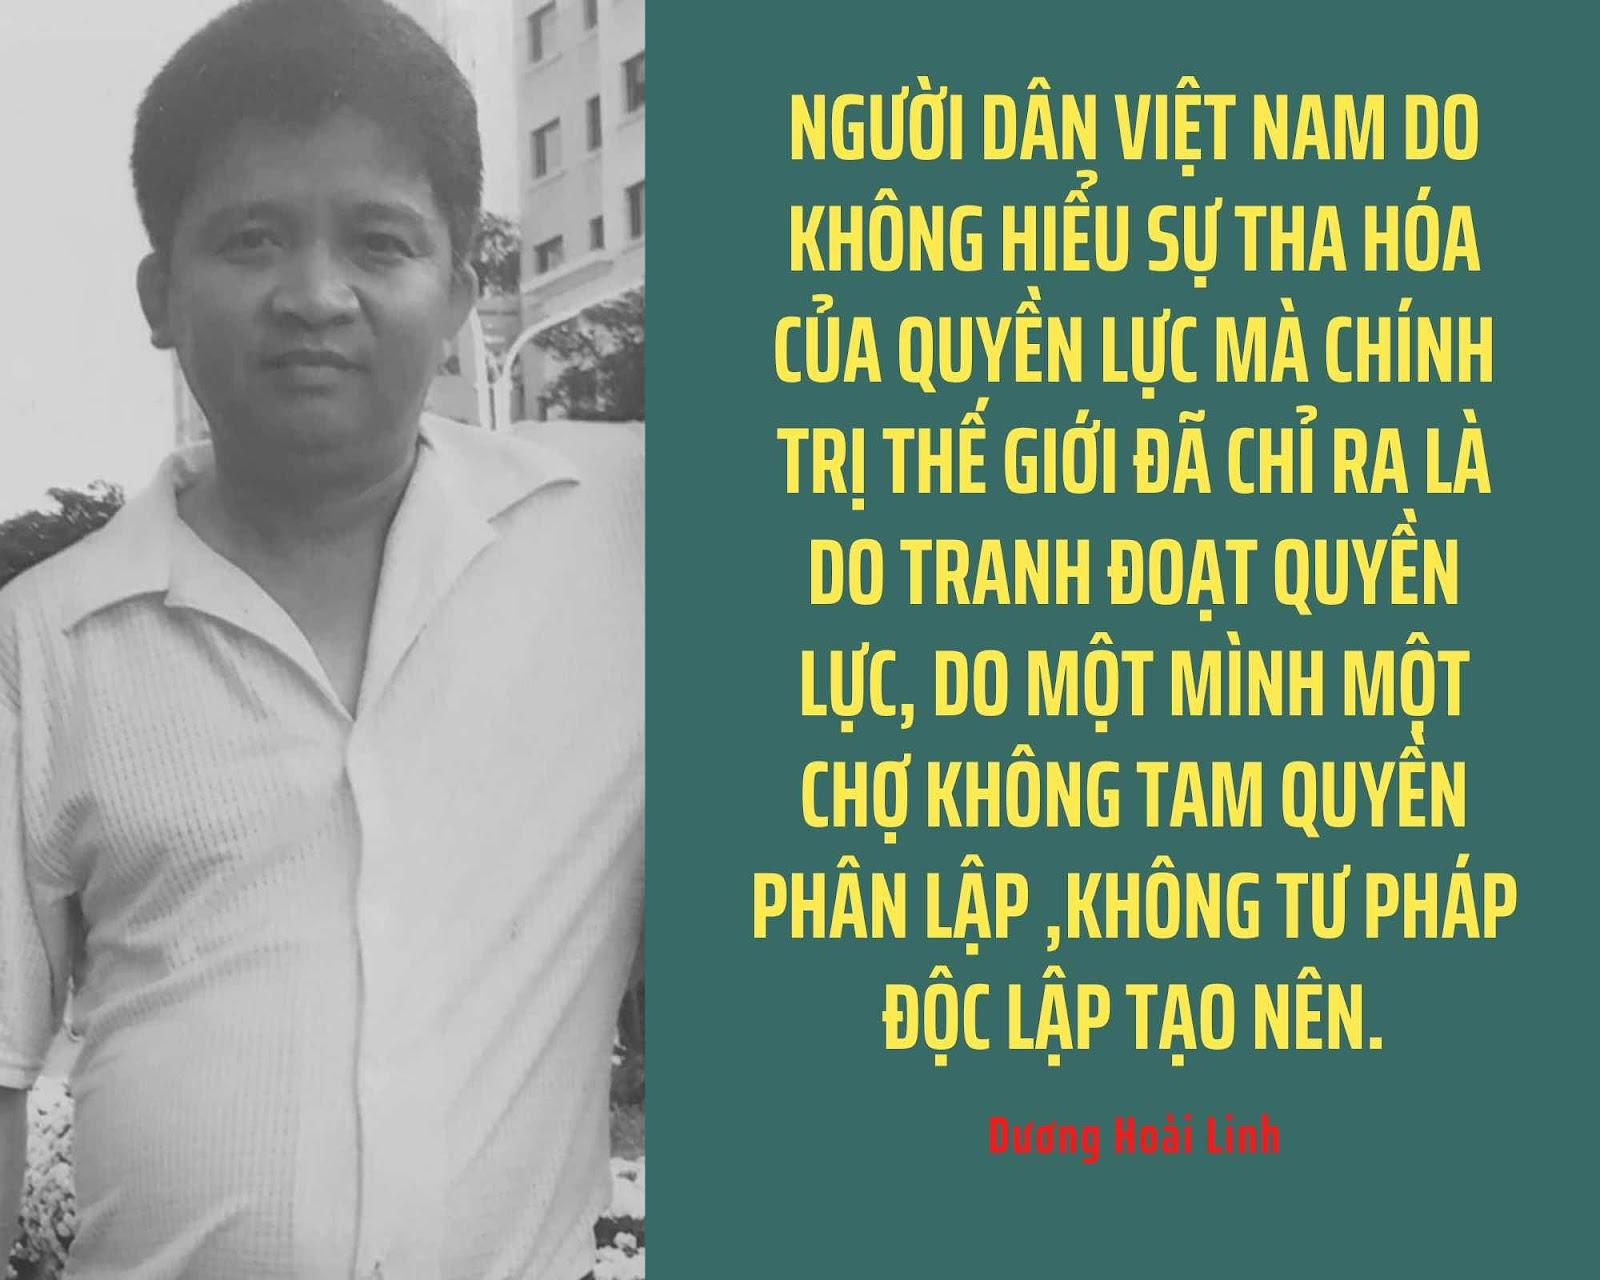 Người dân Việt Nam do không hiểu sự tha hóa của quyền lực mà chính trị thế giới đã chỉ ra là do tranh đoạt quyền lực, do một mình một chợ không tam quyền phân  lập ,không tư pháp độc lập tạo  nên.